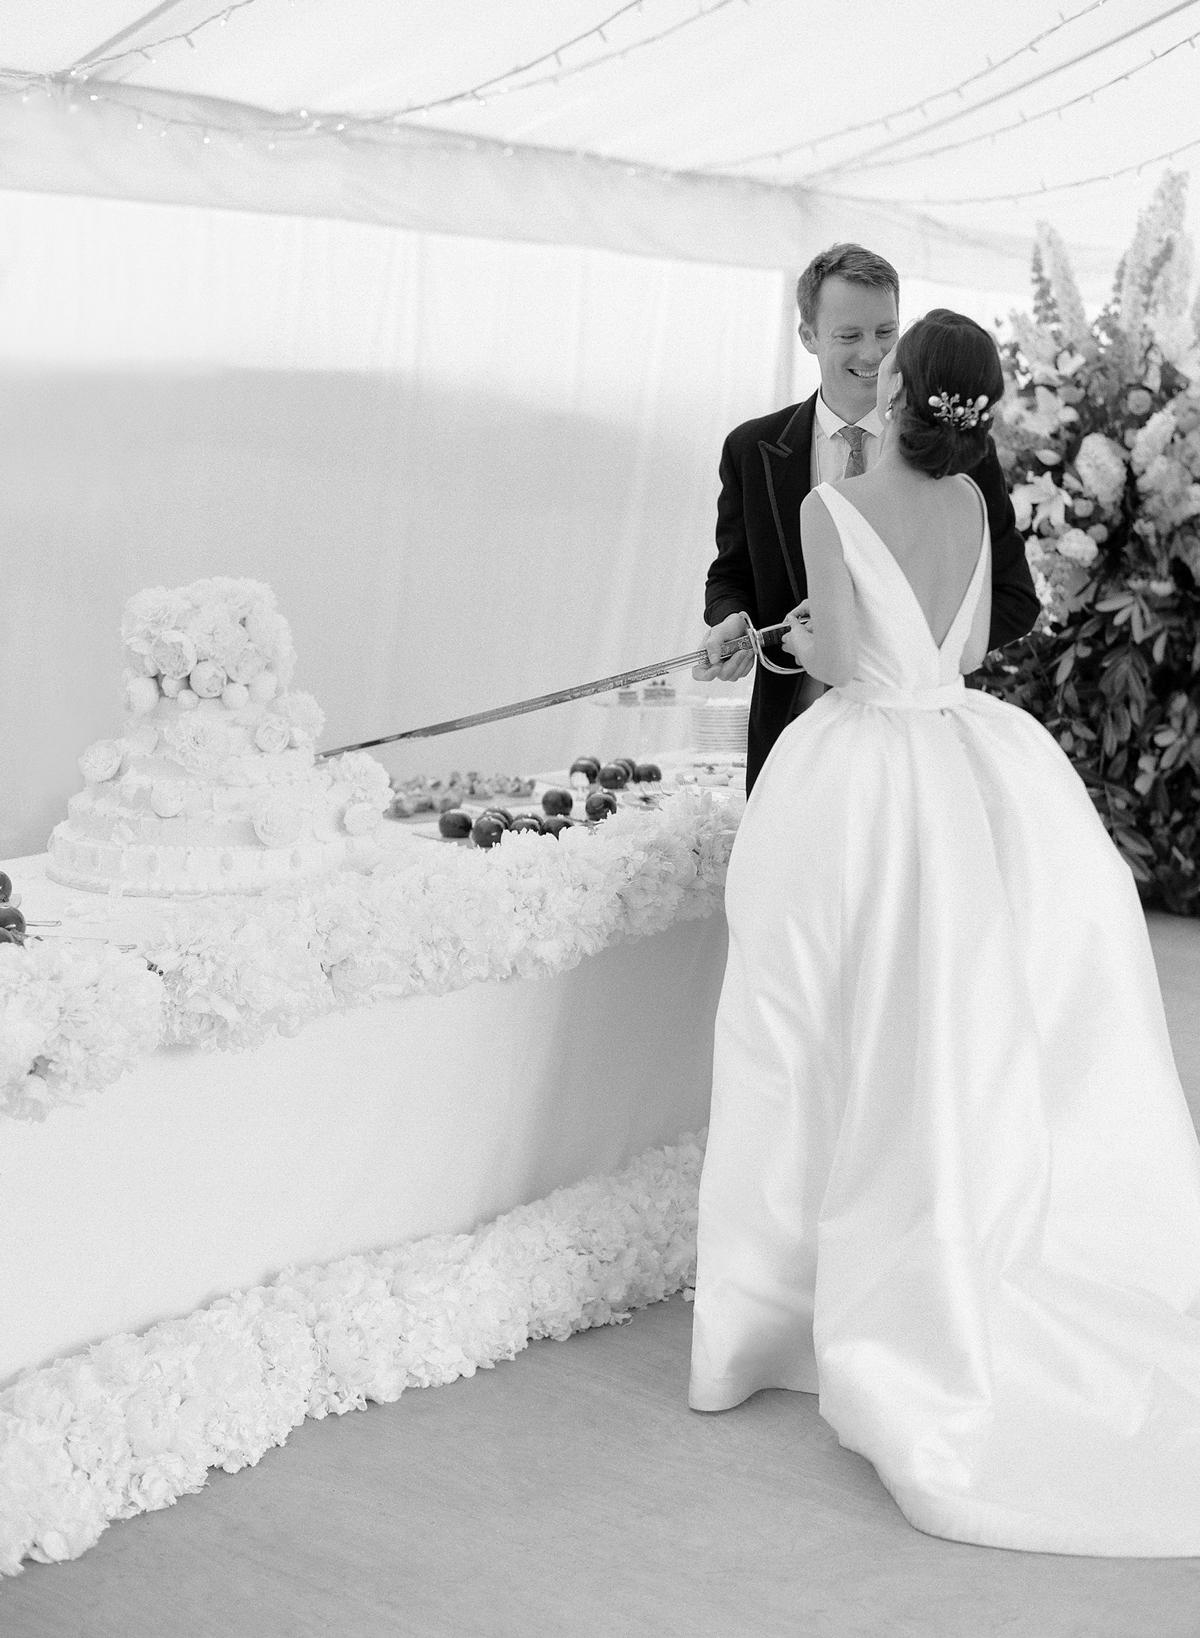 peony matthew england wedding couple cutting cake with sword